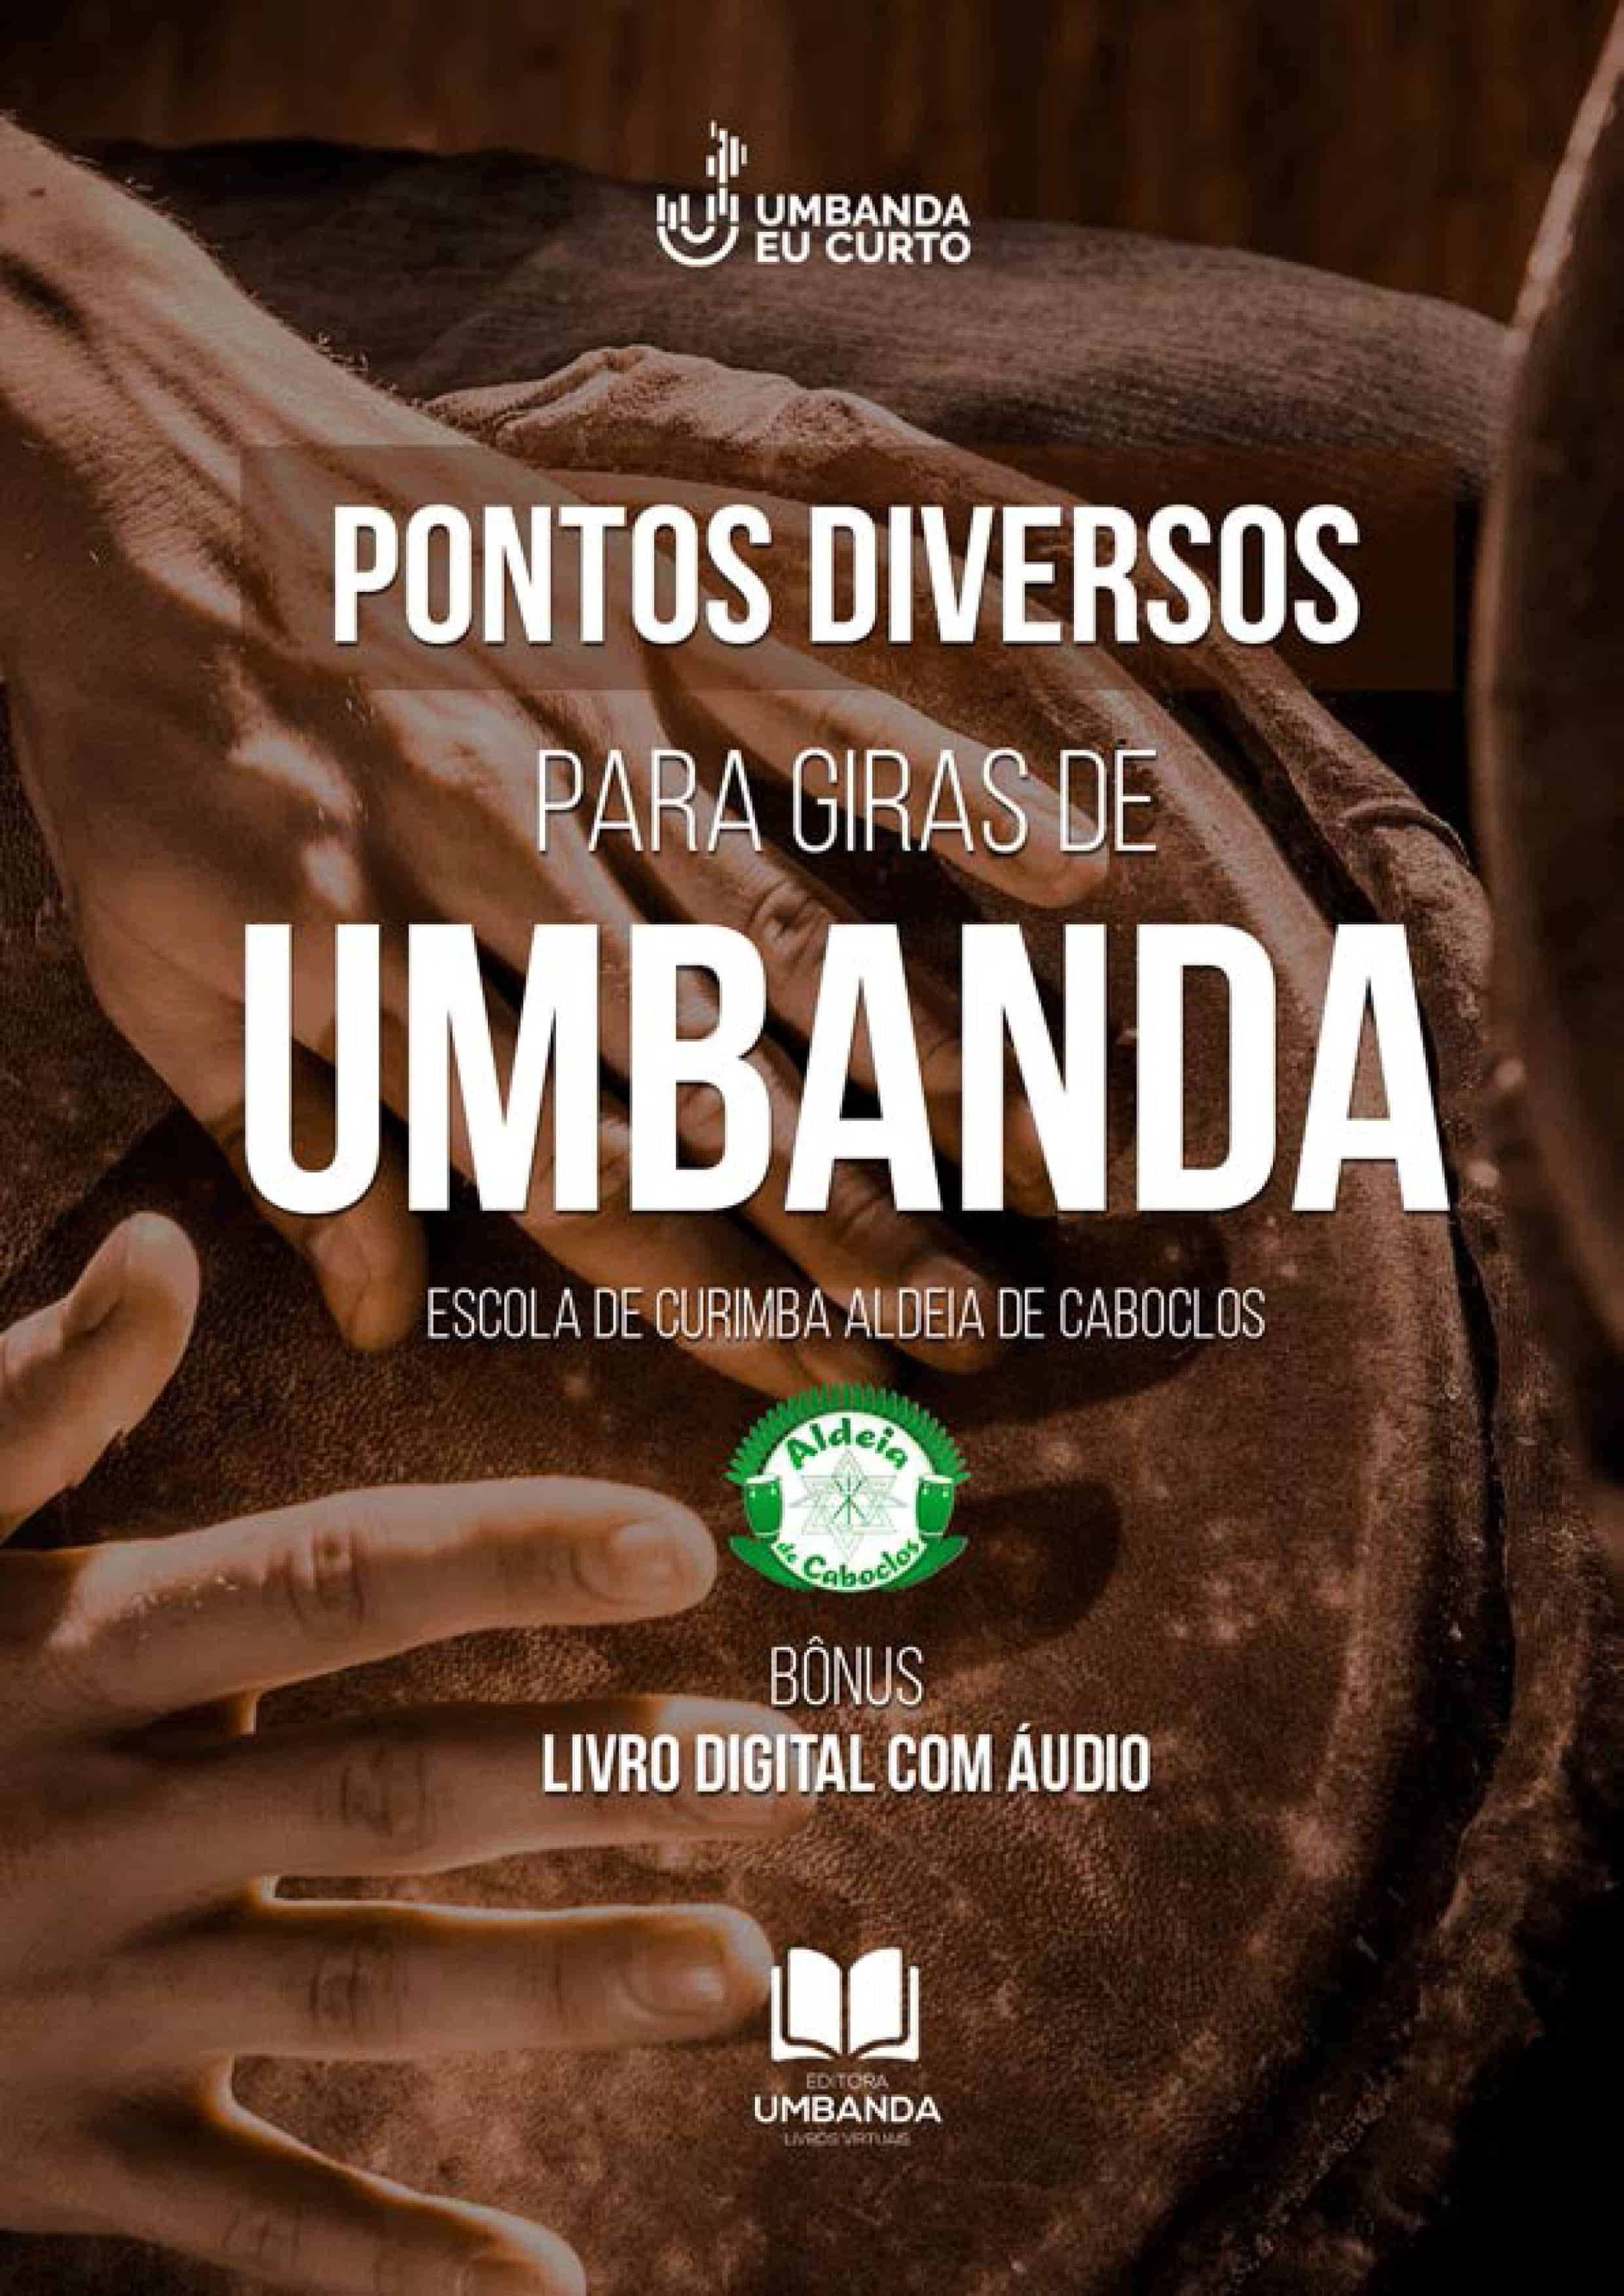 E-books Umbanda Eu Curto: conhecimento e ação social 4